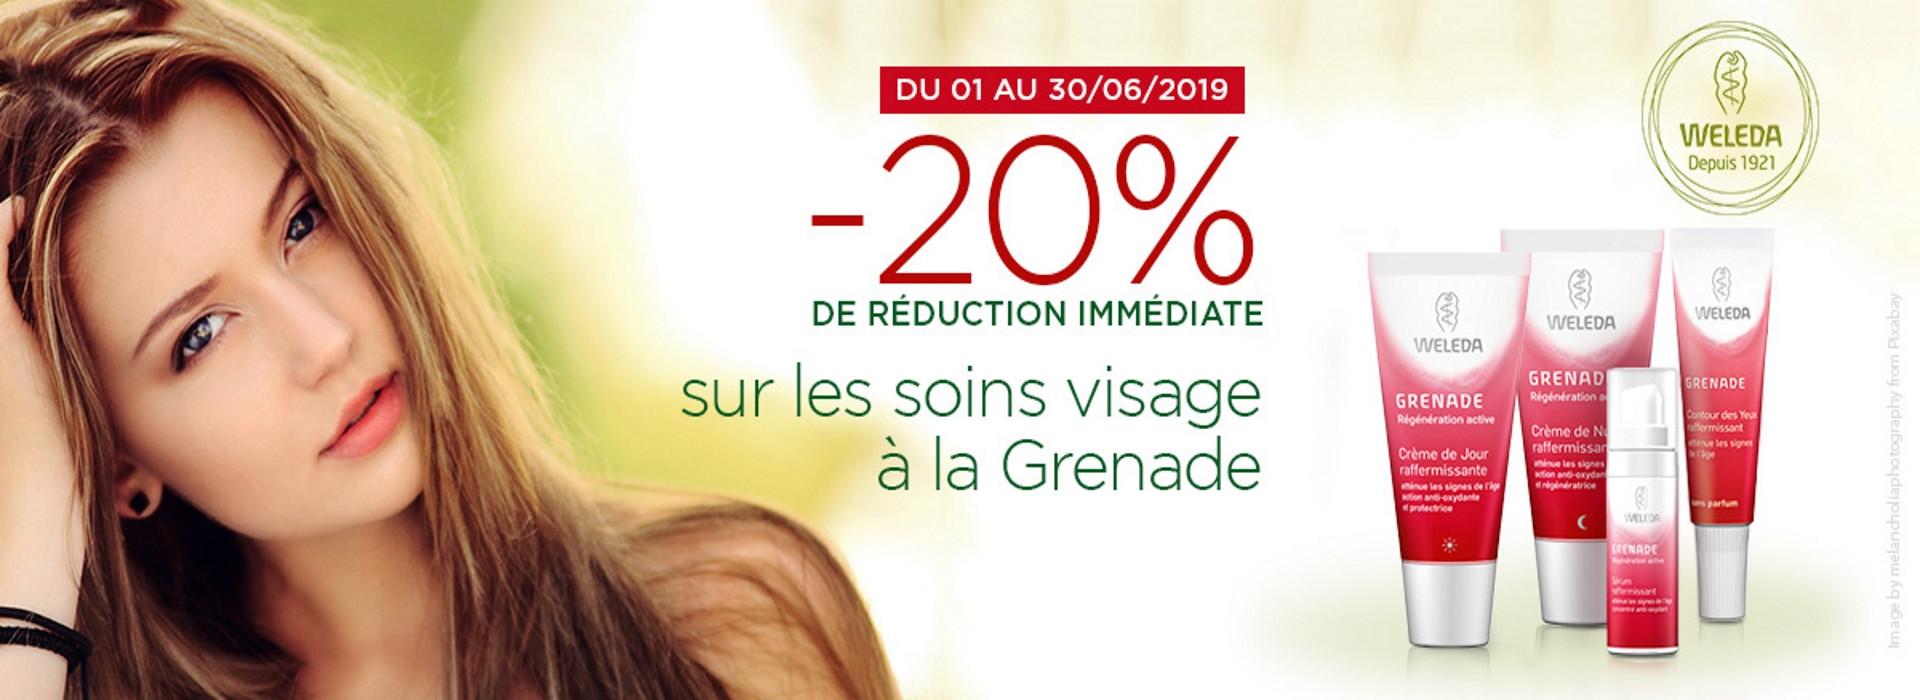 soins visage à la grenade à -20%